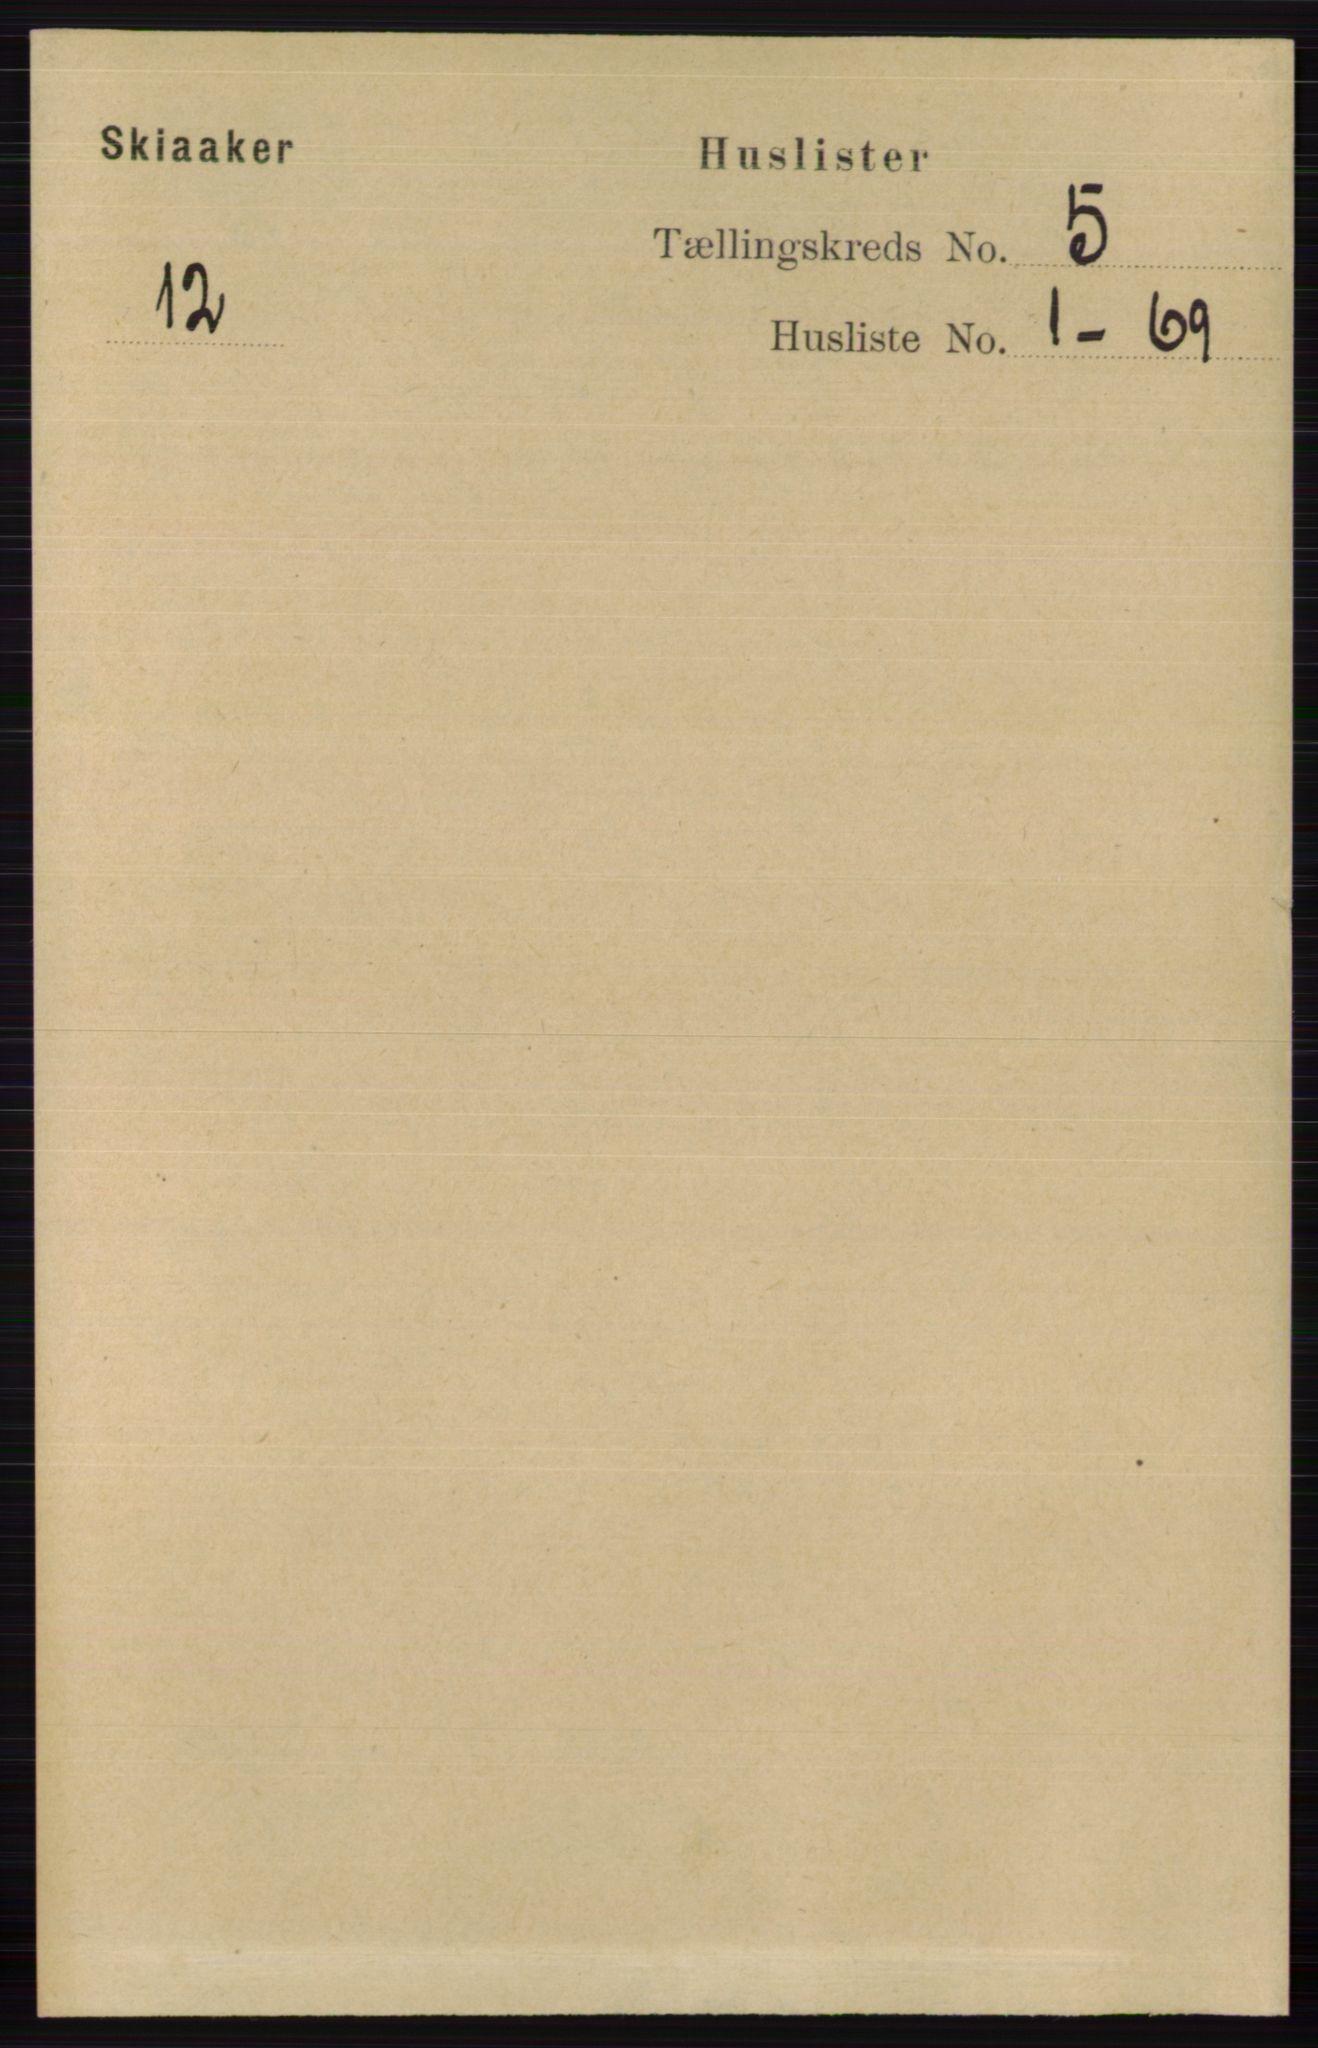 RA, Folketelling 1891 for 0513 Skjåk herred, 1891, s. 1544